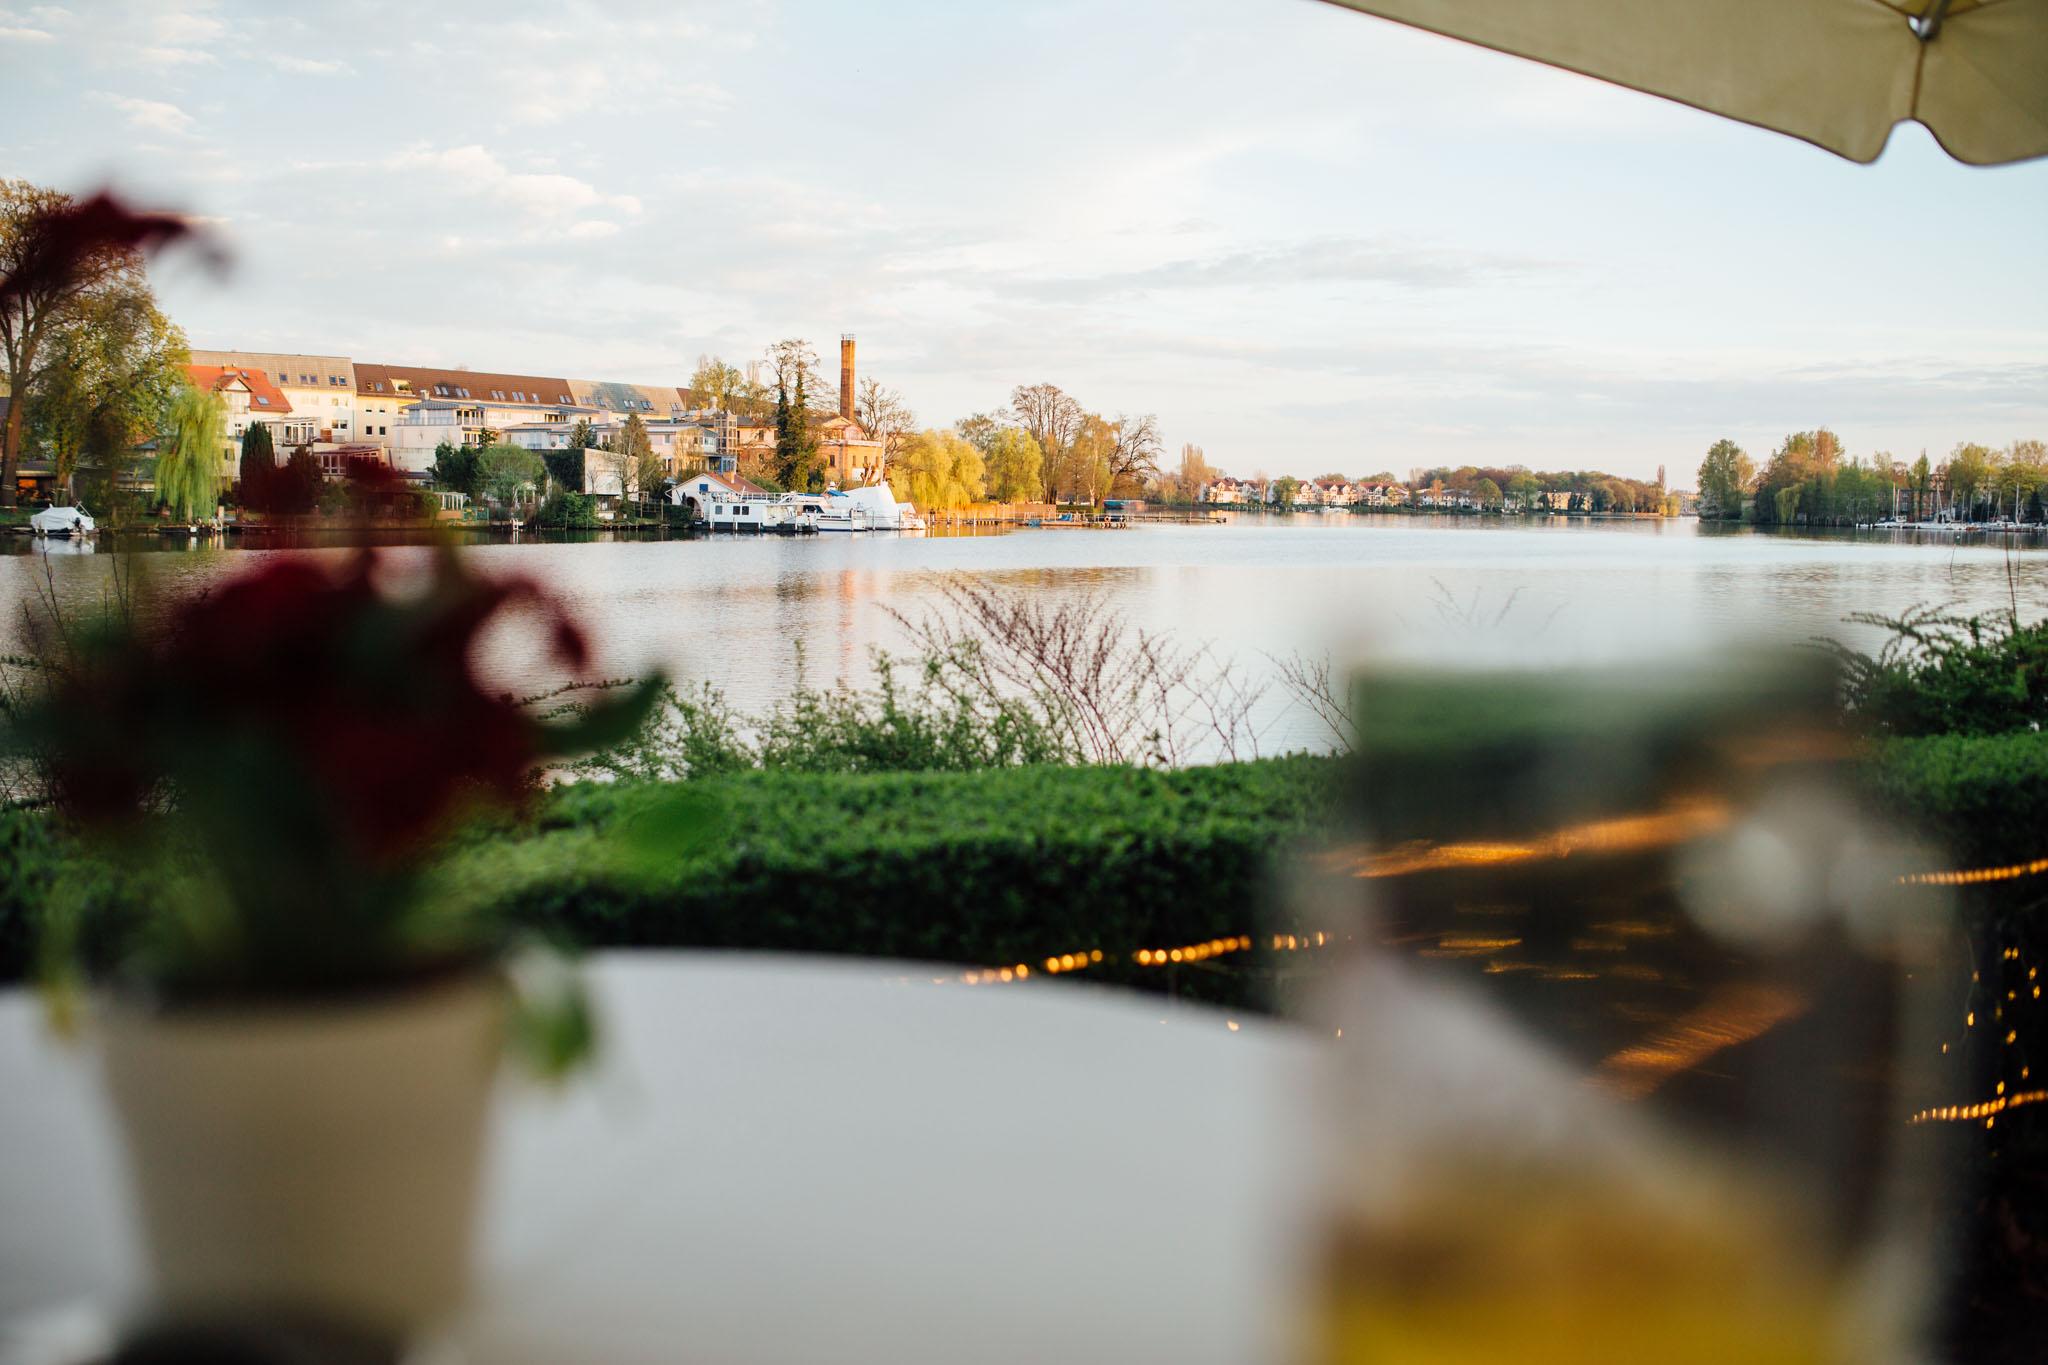 hochzeit-dahme-schlosscafe-terrasse